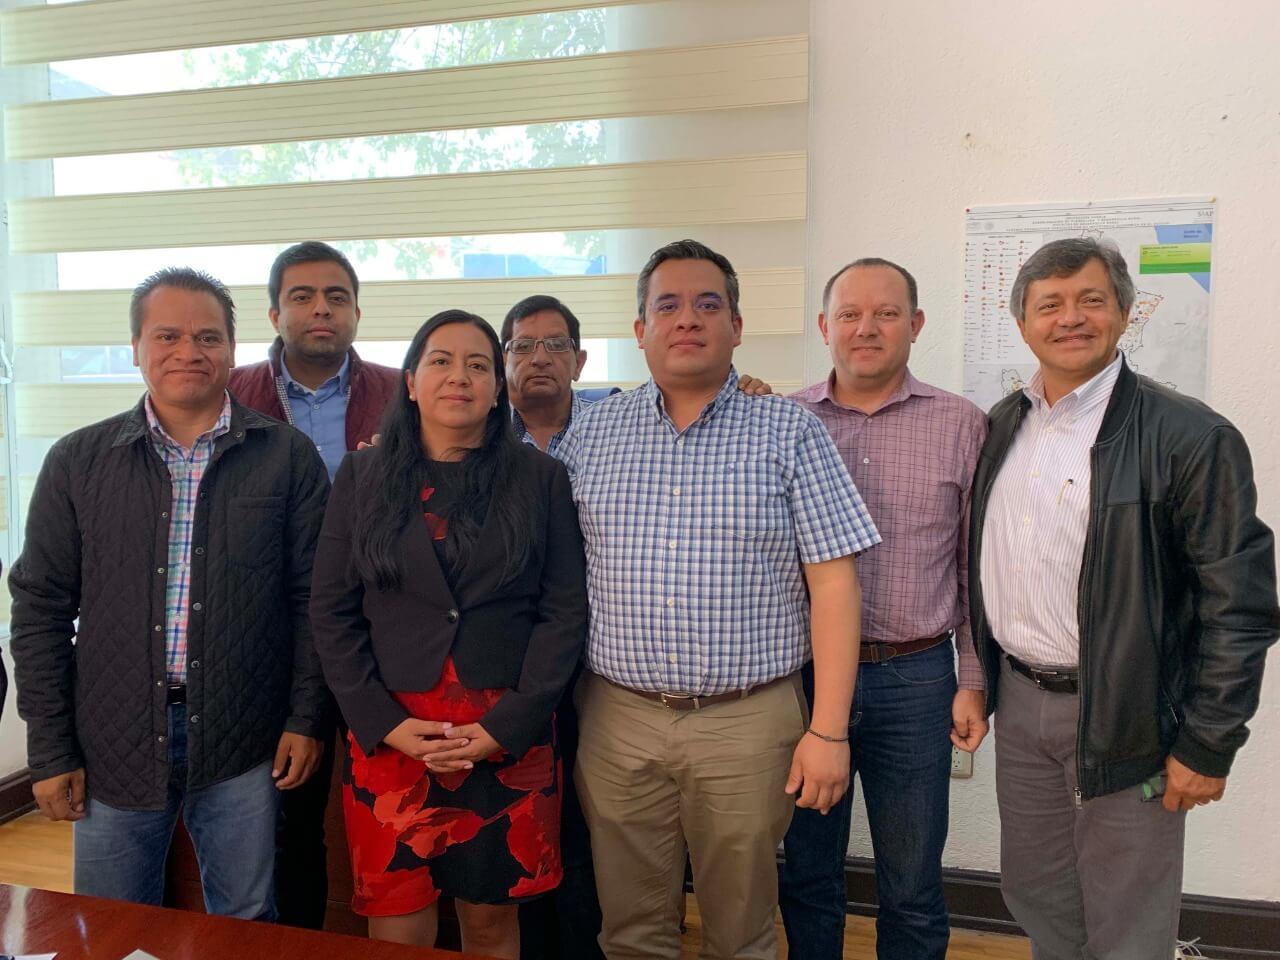 Los gobiernos de Veracruz y Puebla iniciaron un trabajo interinstitucional en busca de políticas públicas que eficienten los programas y recursos destinados al campo, pesca y acuacultura.